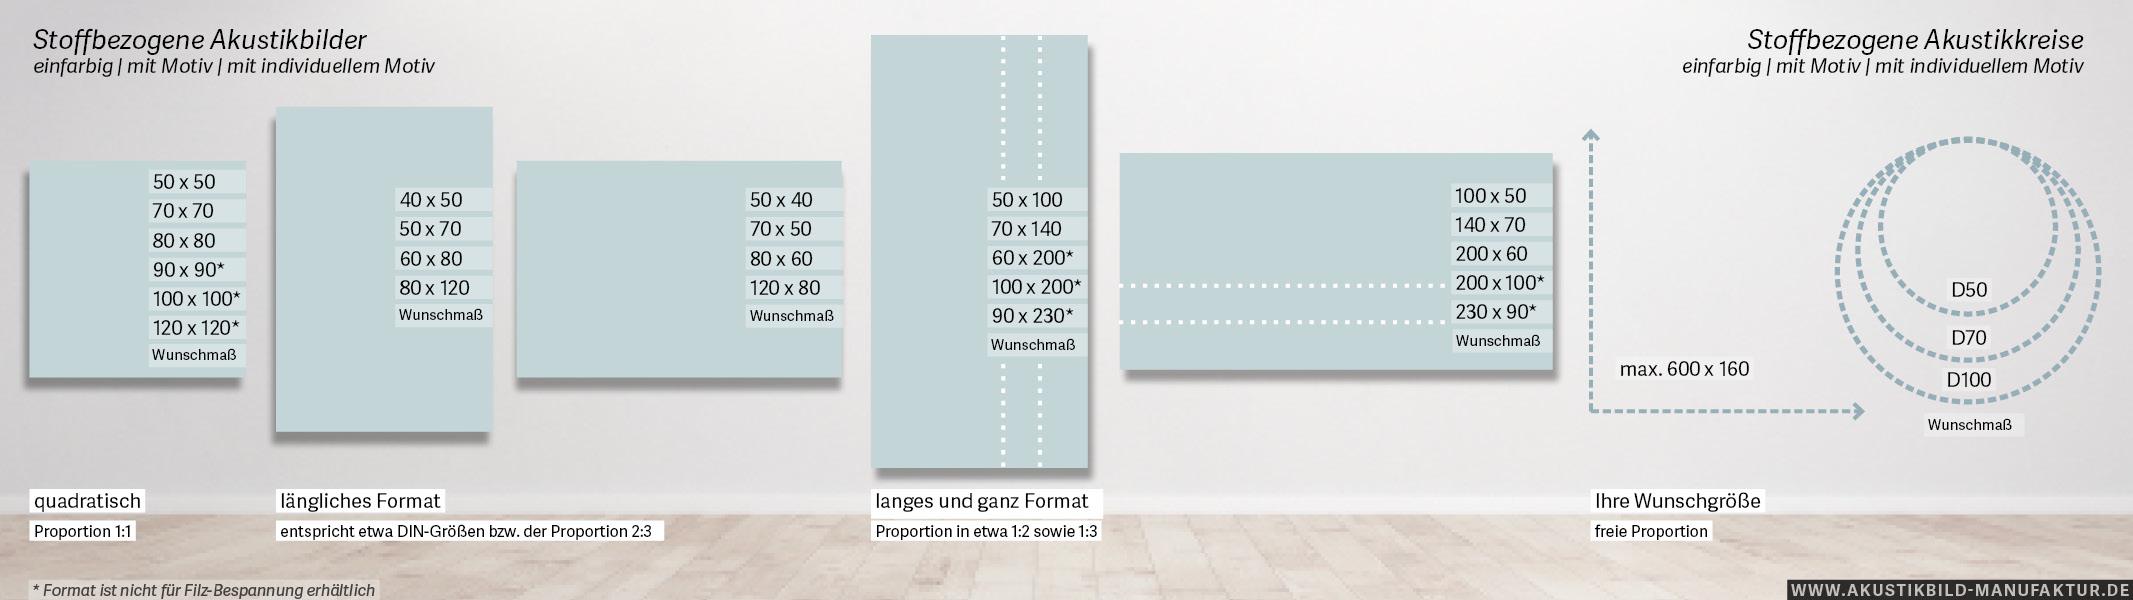 Akustikbilder Formate